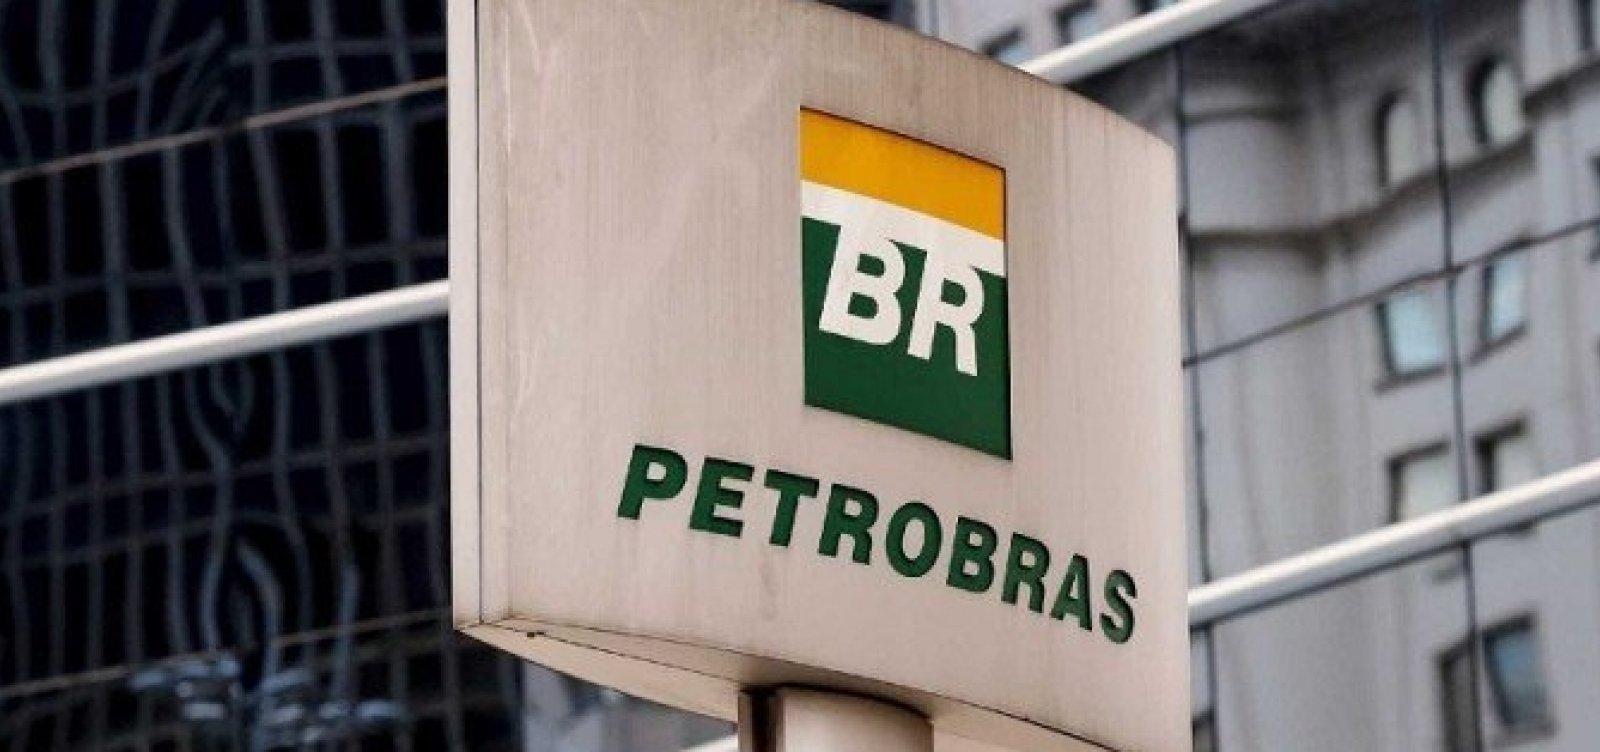 Petrobras aumenta em 10% preço da gasolina nas refinarias - Metro 1